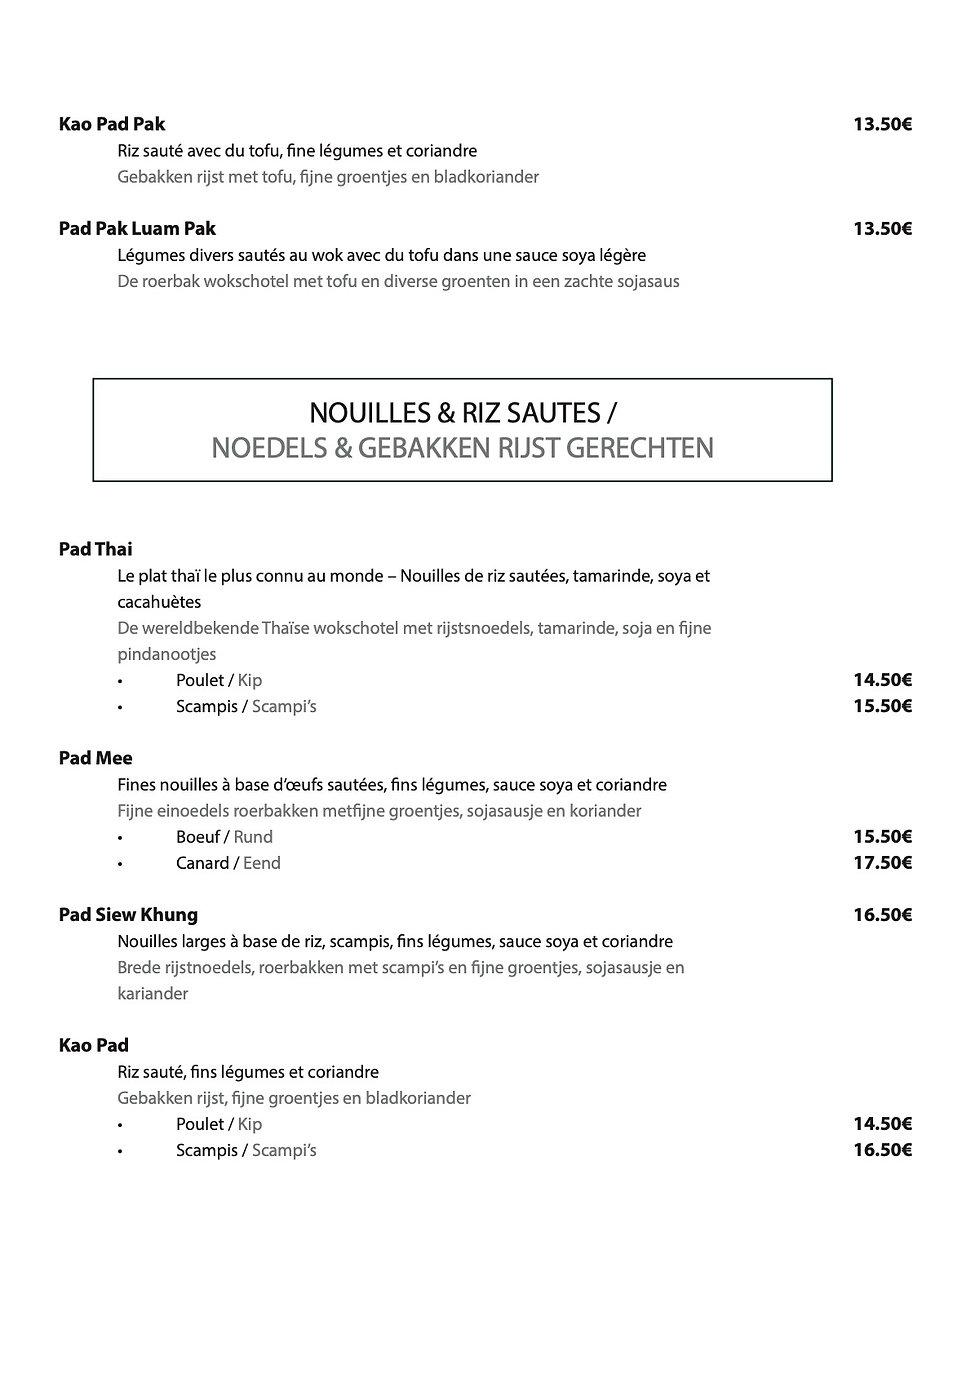 Nouilles & Riz Sautes.jpg